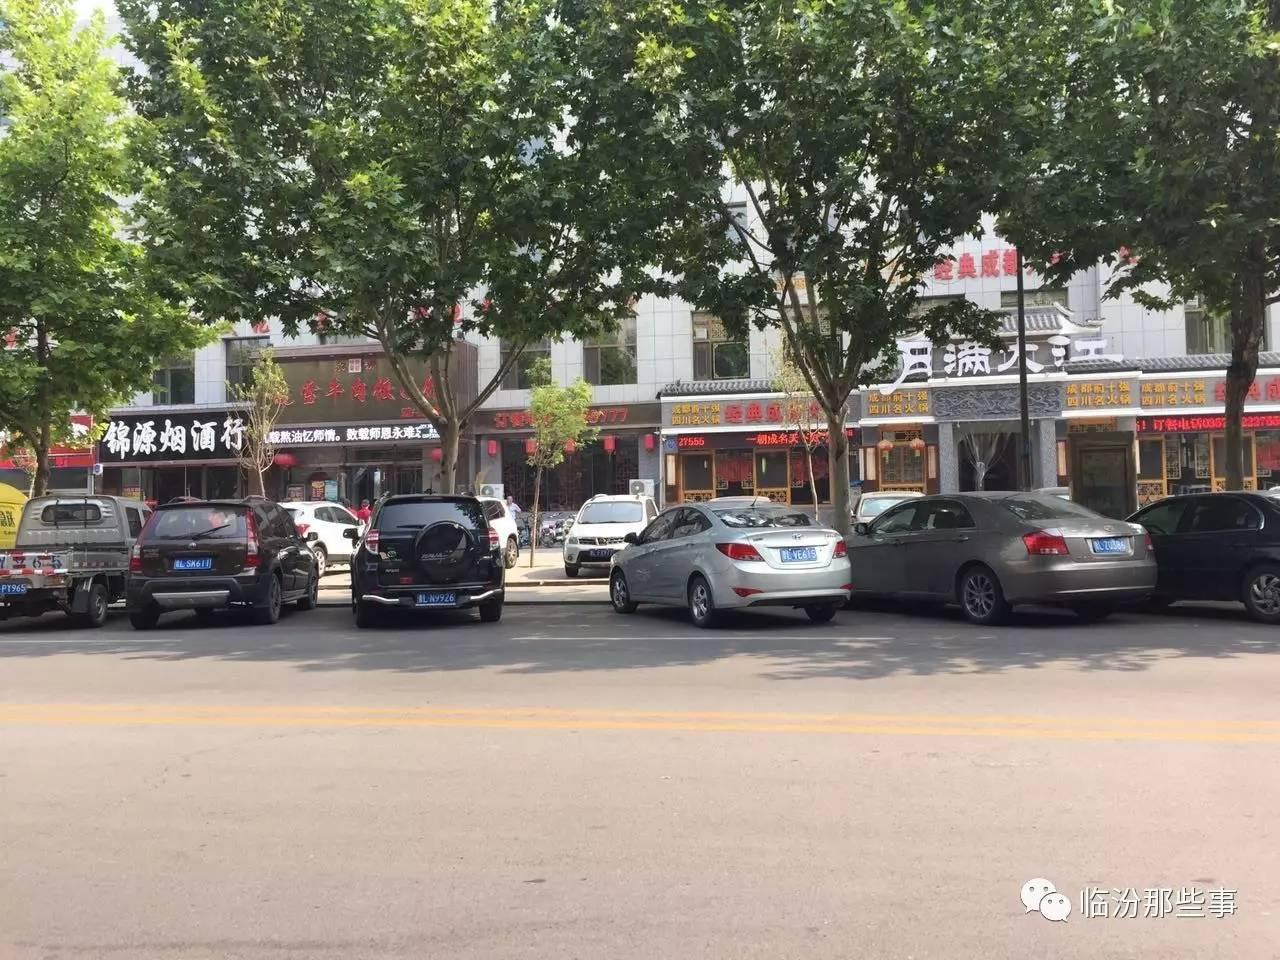 临汾公交公司 临汾交警,这条路上的公交站牌已经被霸占的无影无踪